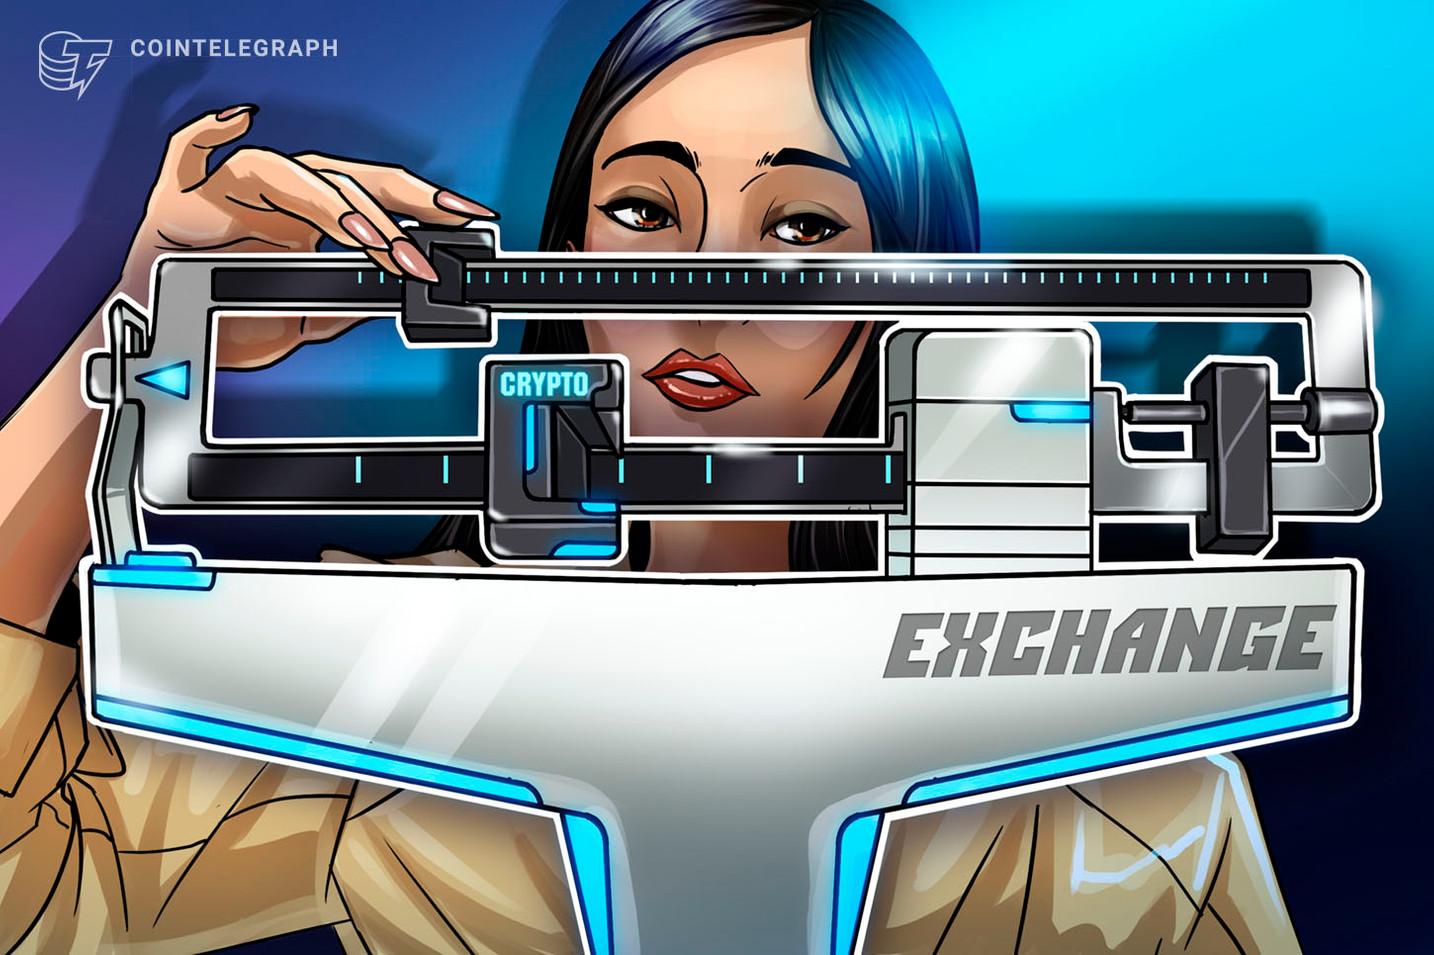 El importante exchange de criptomonedas Bithumb lanza su centro de investigación y desarrollo